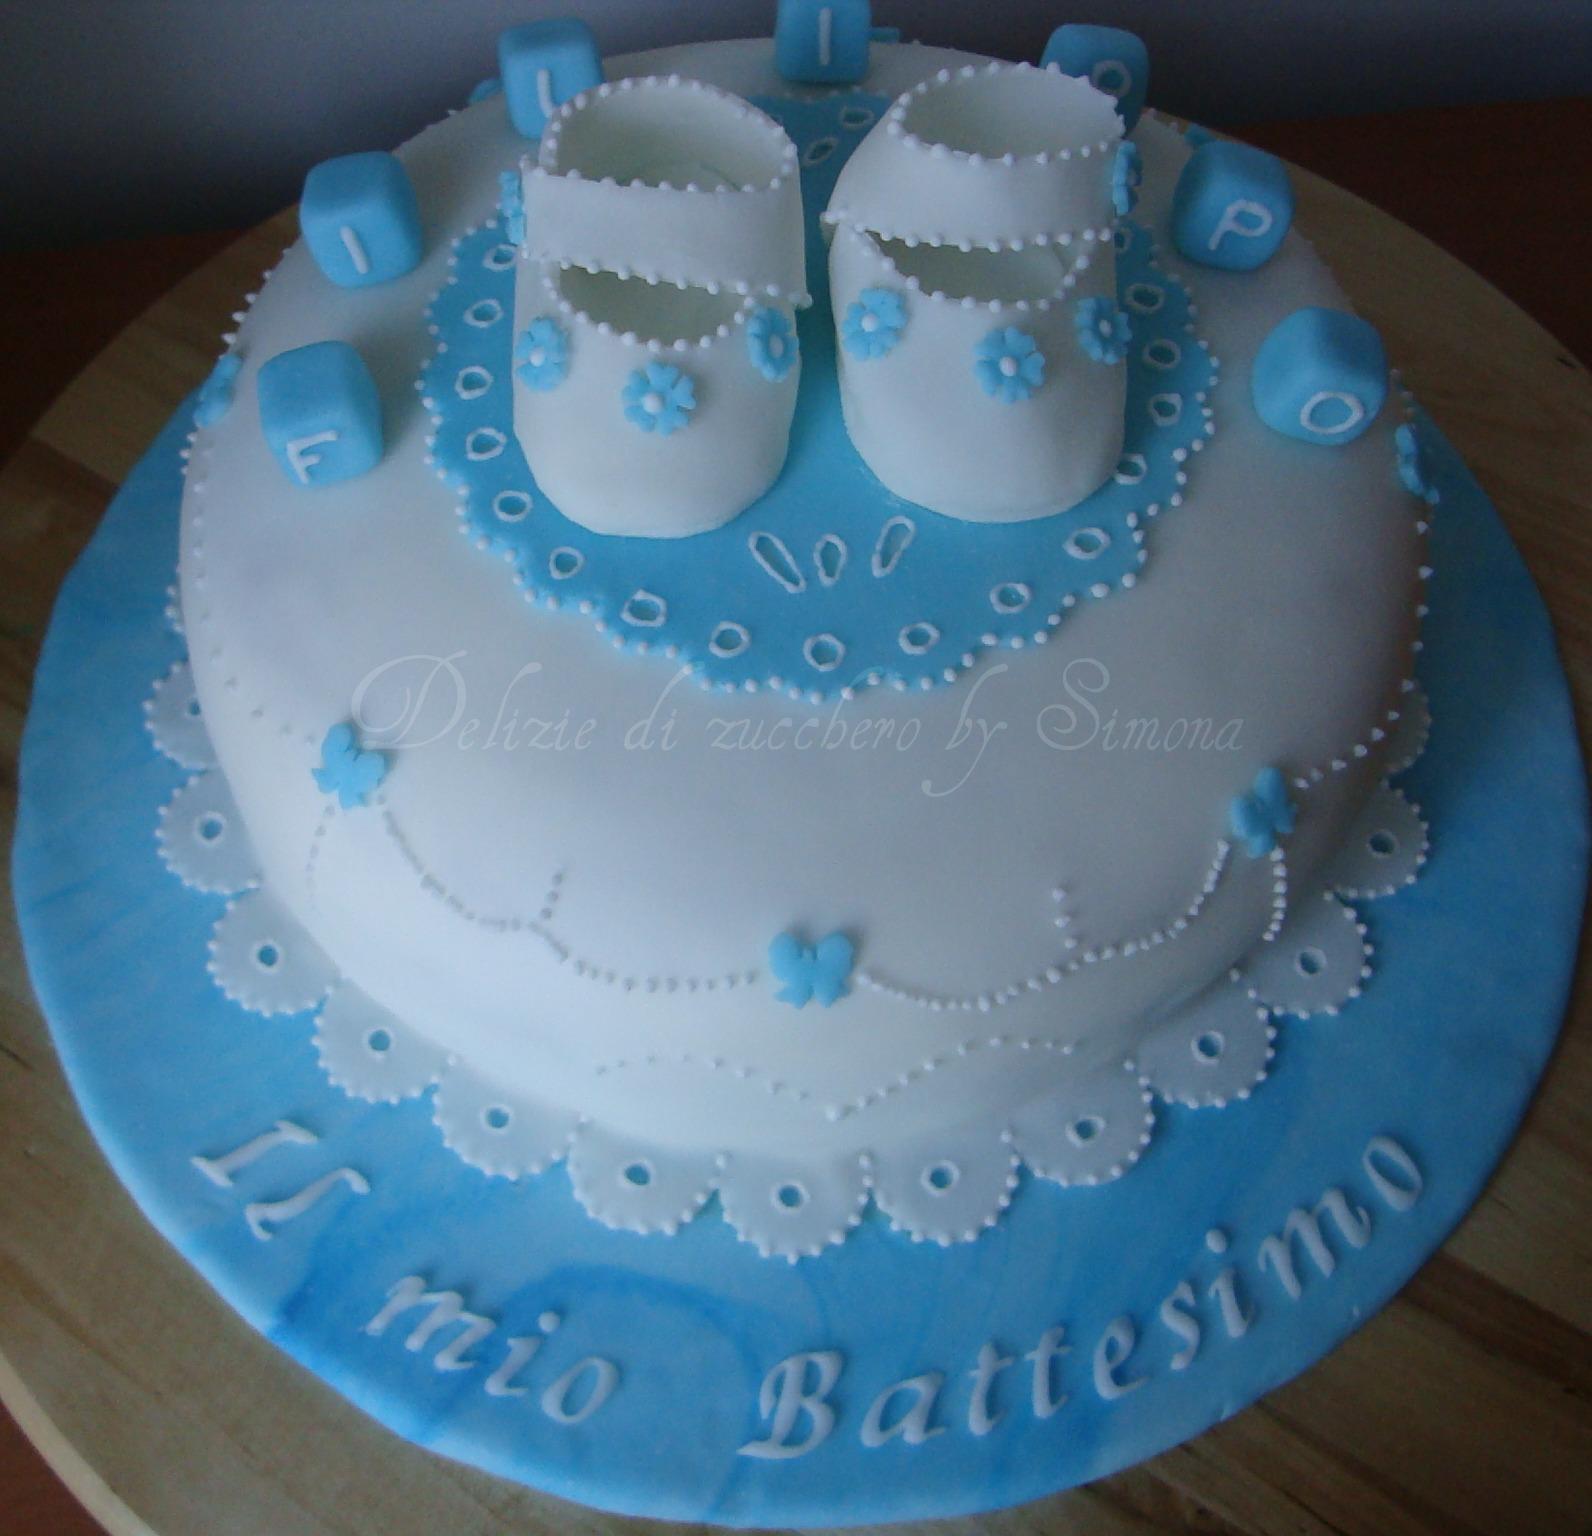 Molto DELIZIE DI ZUCCHERO BY SIMONA: Torte per Battesimi WO92